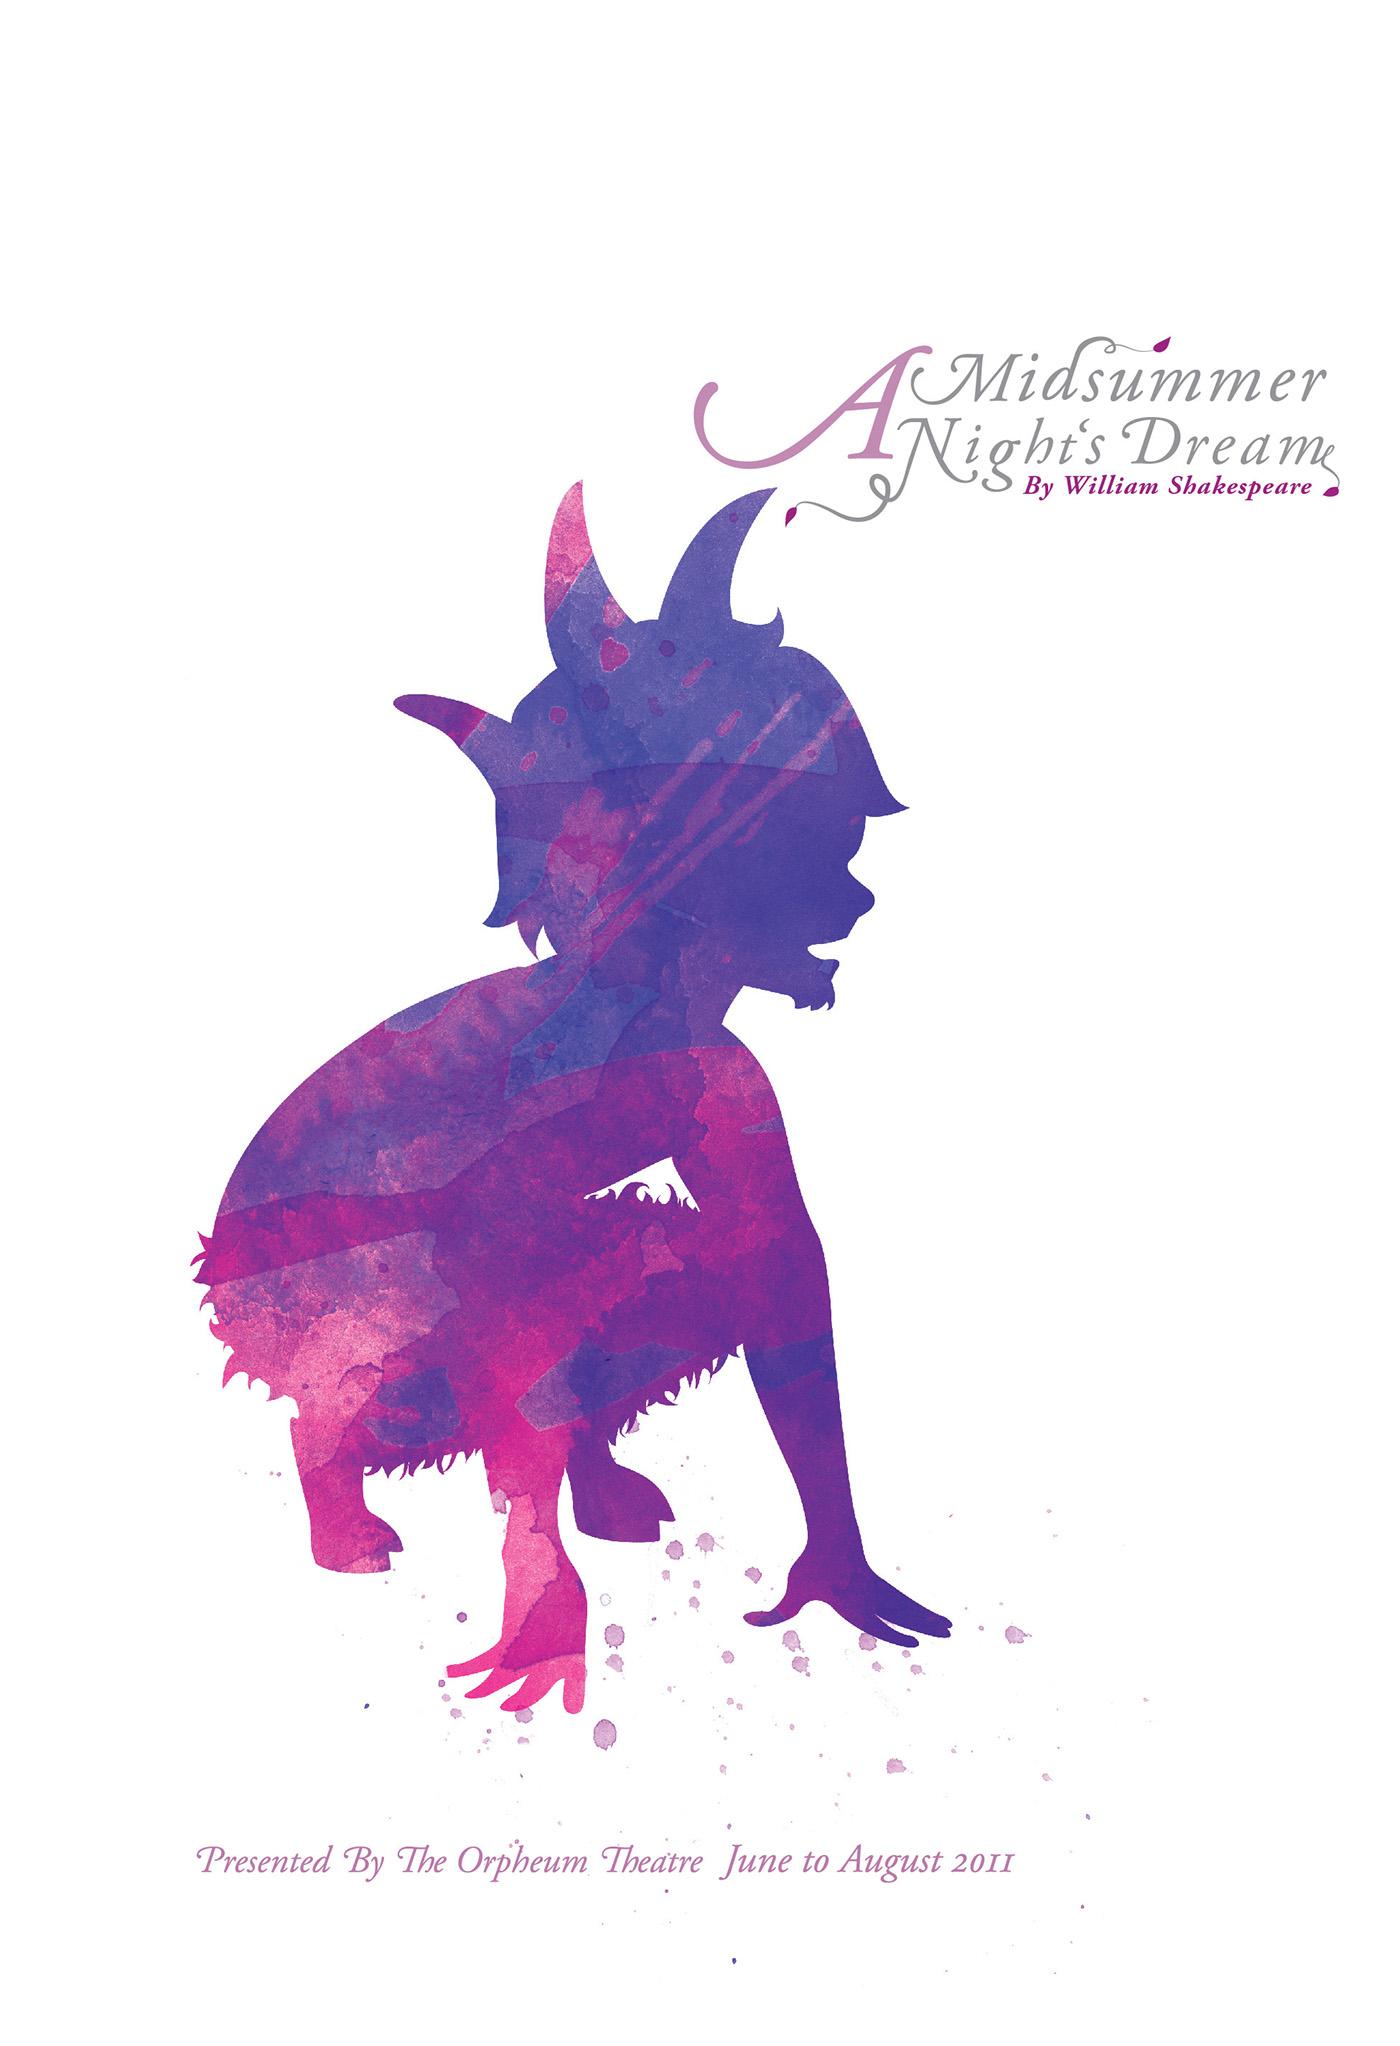 A Midsummer Night U0026 39 S Dream Poster Series On Behance